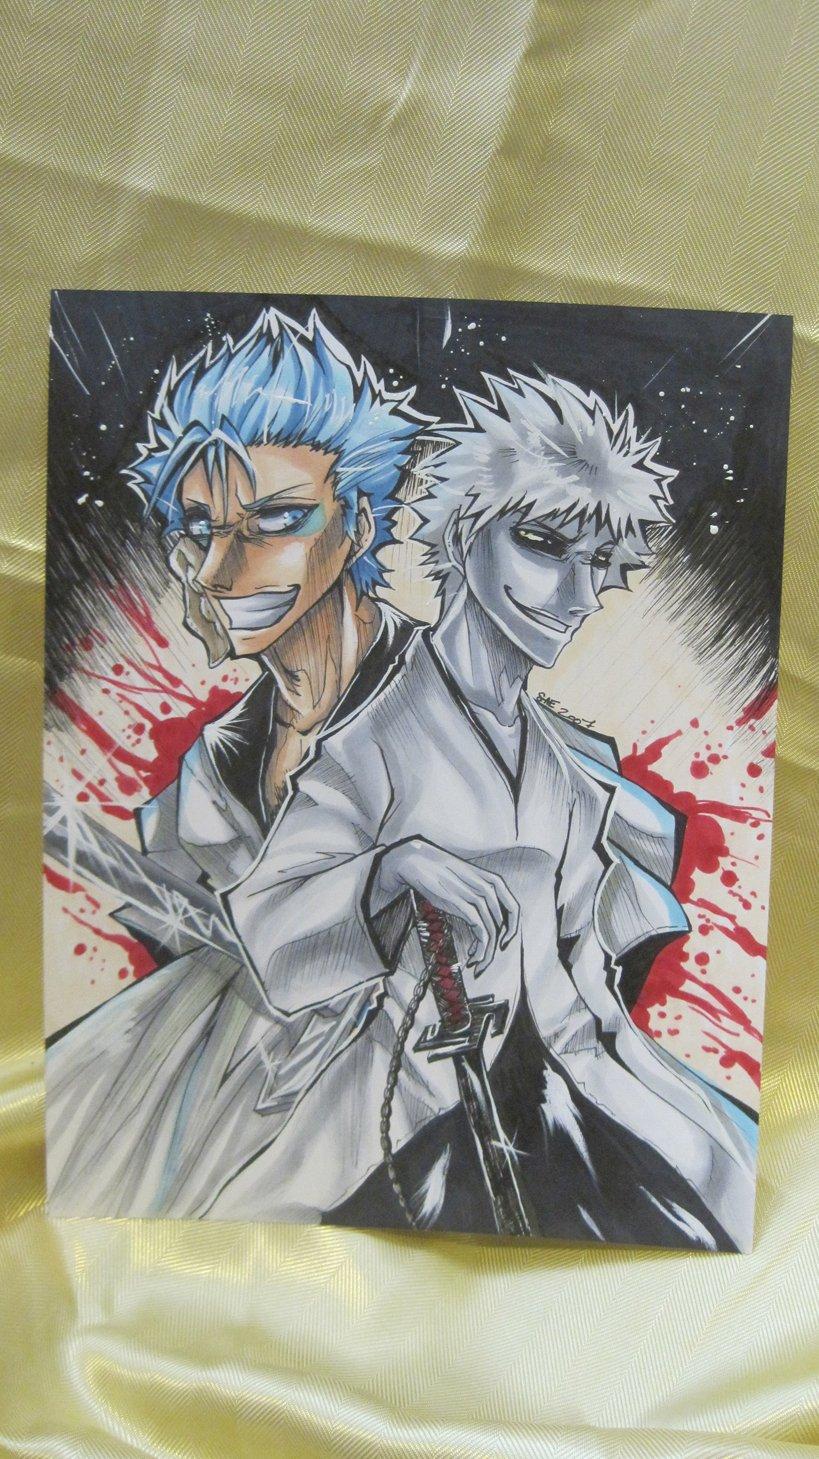 Grimmjow and Hollow Ichigo - original